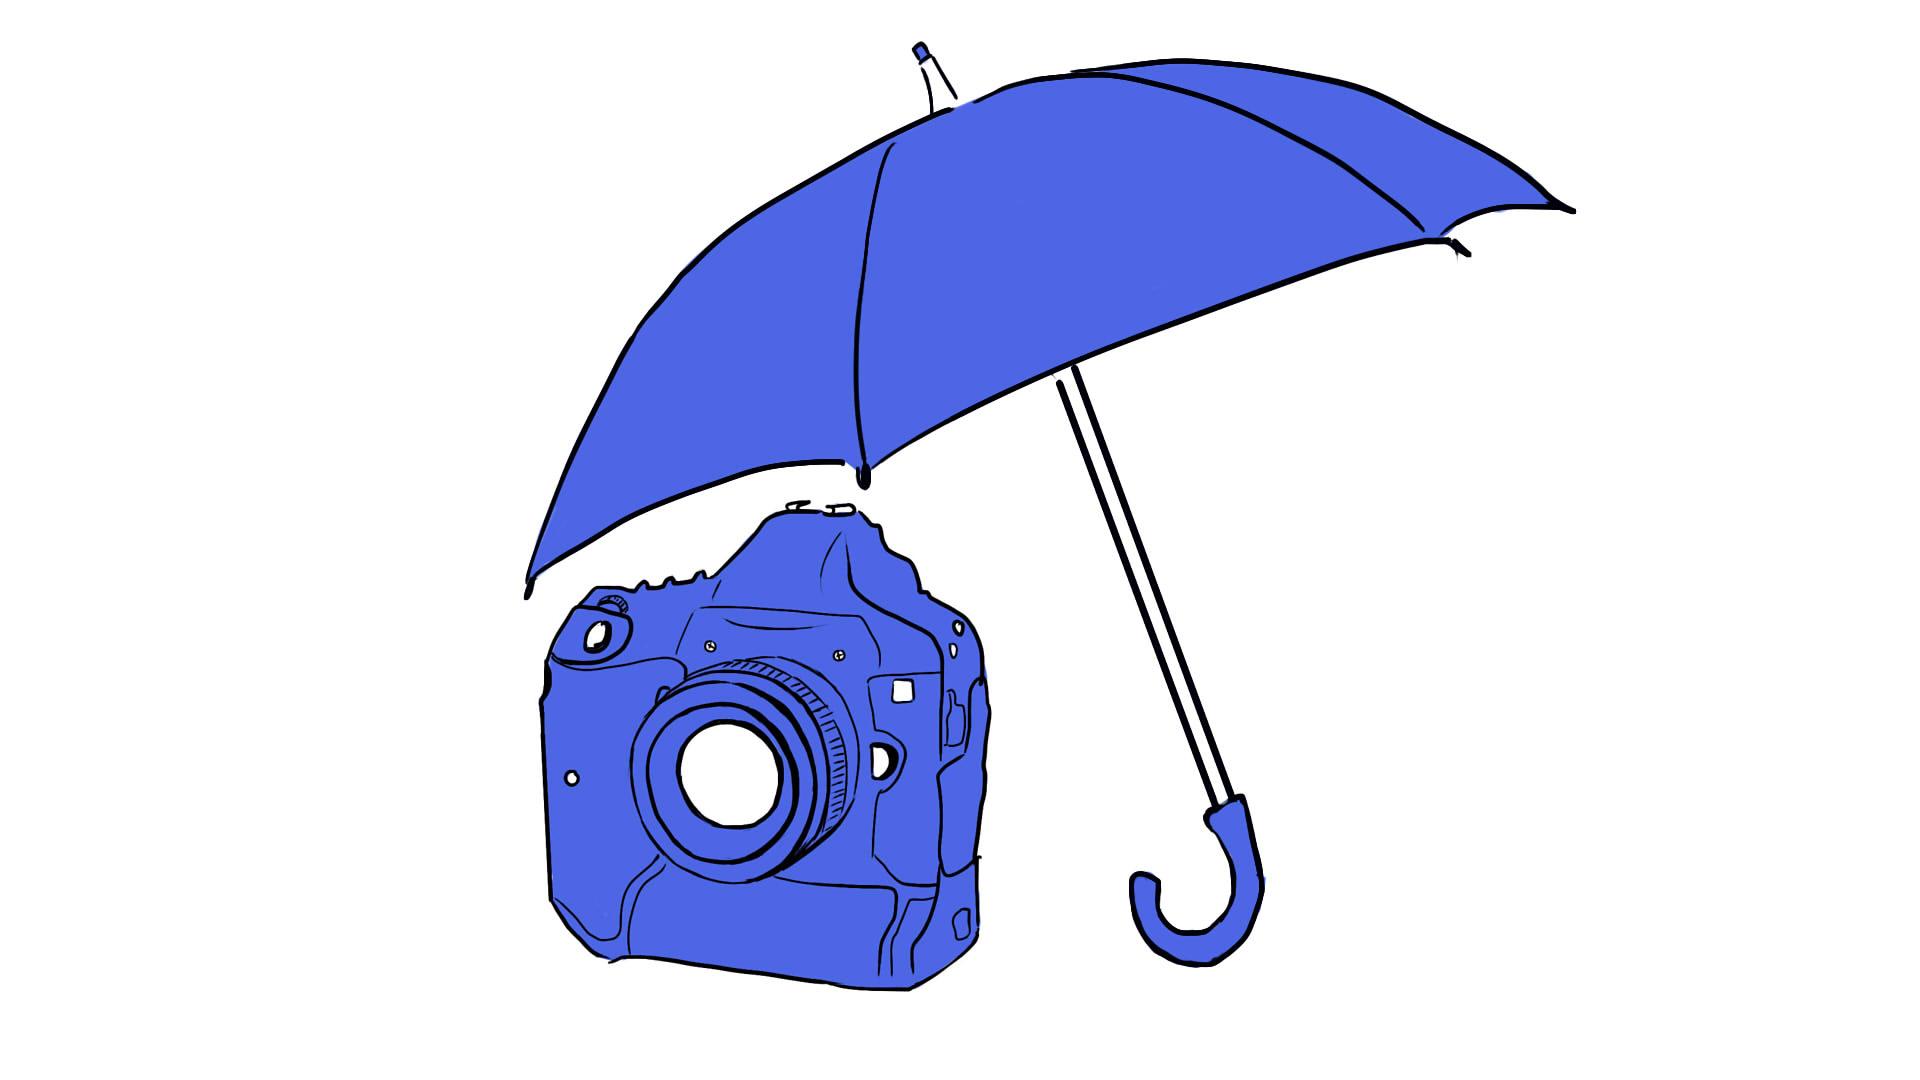 Страхование фотоаппарата онлайн: где и как застраховать камеру Canon 1Dx